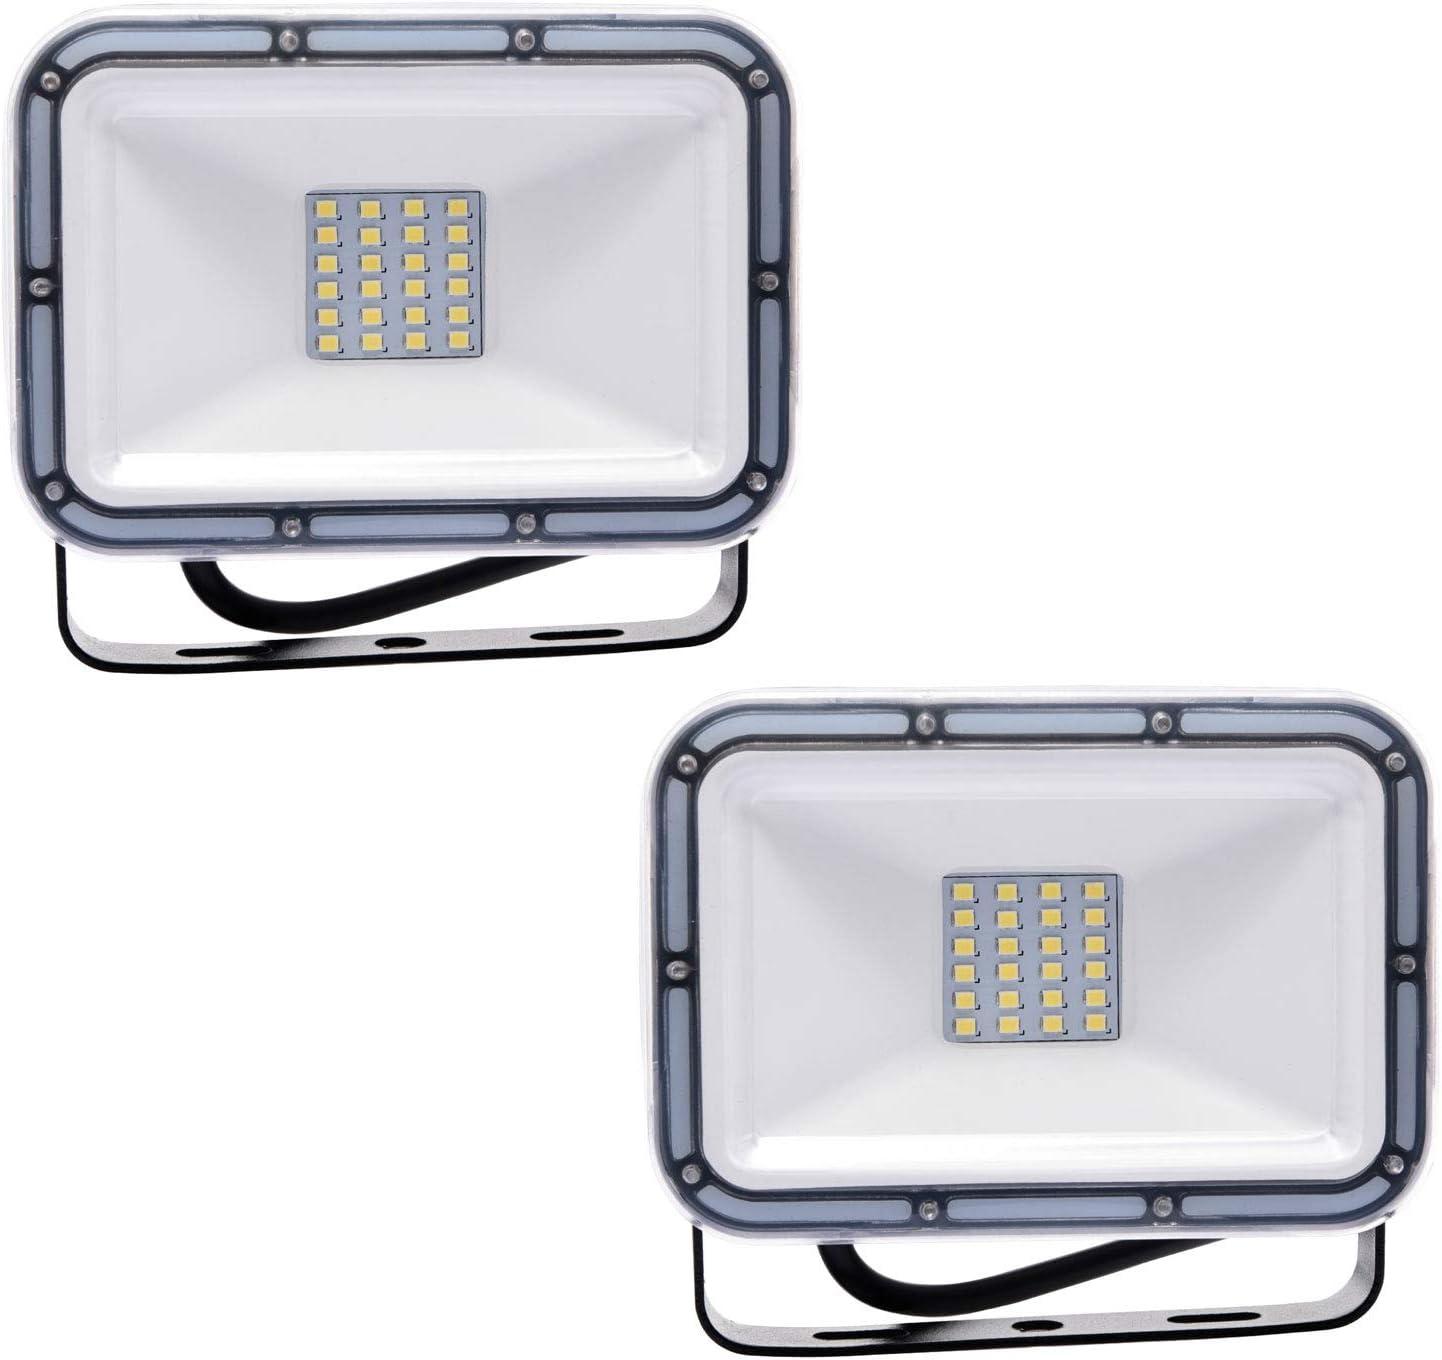 MTX-Racks Luz de Seguridad al Aire Libre de 20W, Reflector LED, Luces de jardín IP67 Impermeable IP67 de 1600lm para patateado, jardín Trasero, garajes, estacionamiento,20W-2 Pack